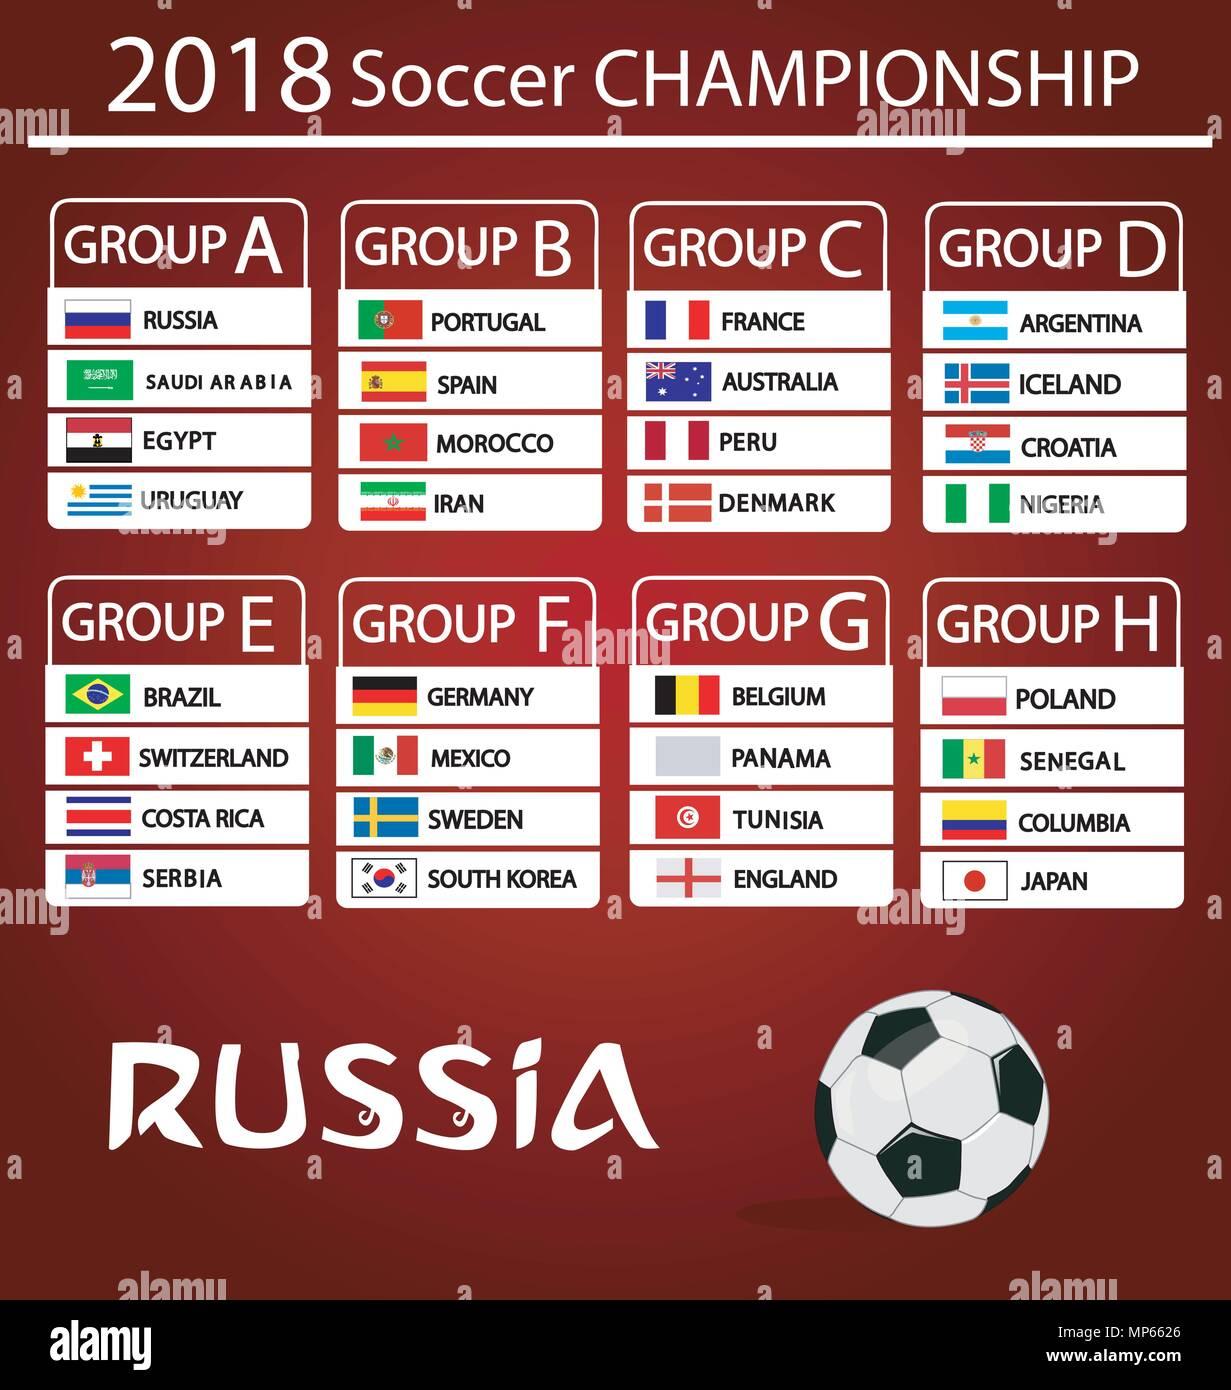 Fussball Wm Gruppen Vektor Landerflaggen Vektor Abbildung